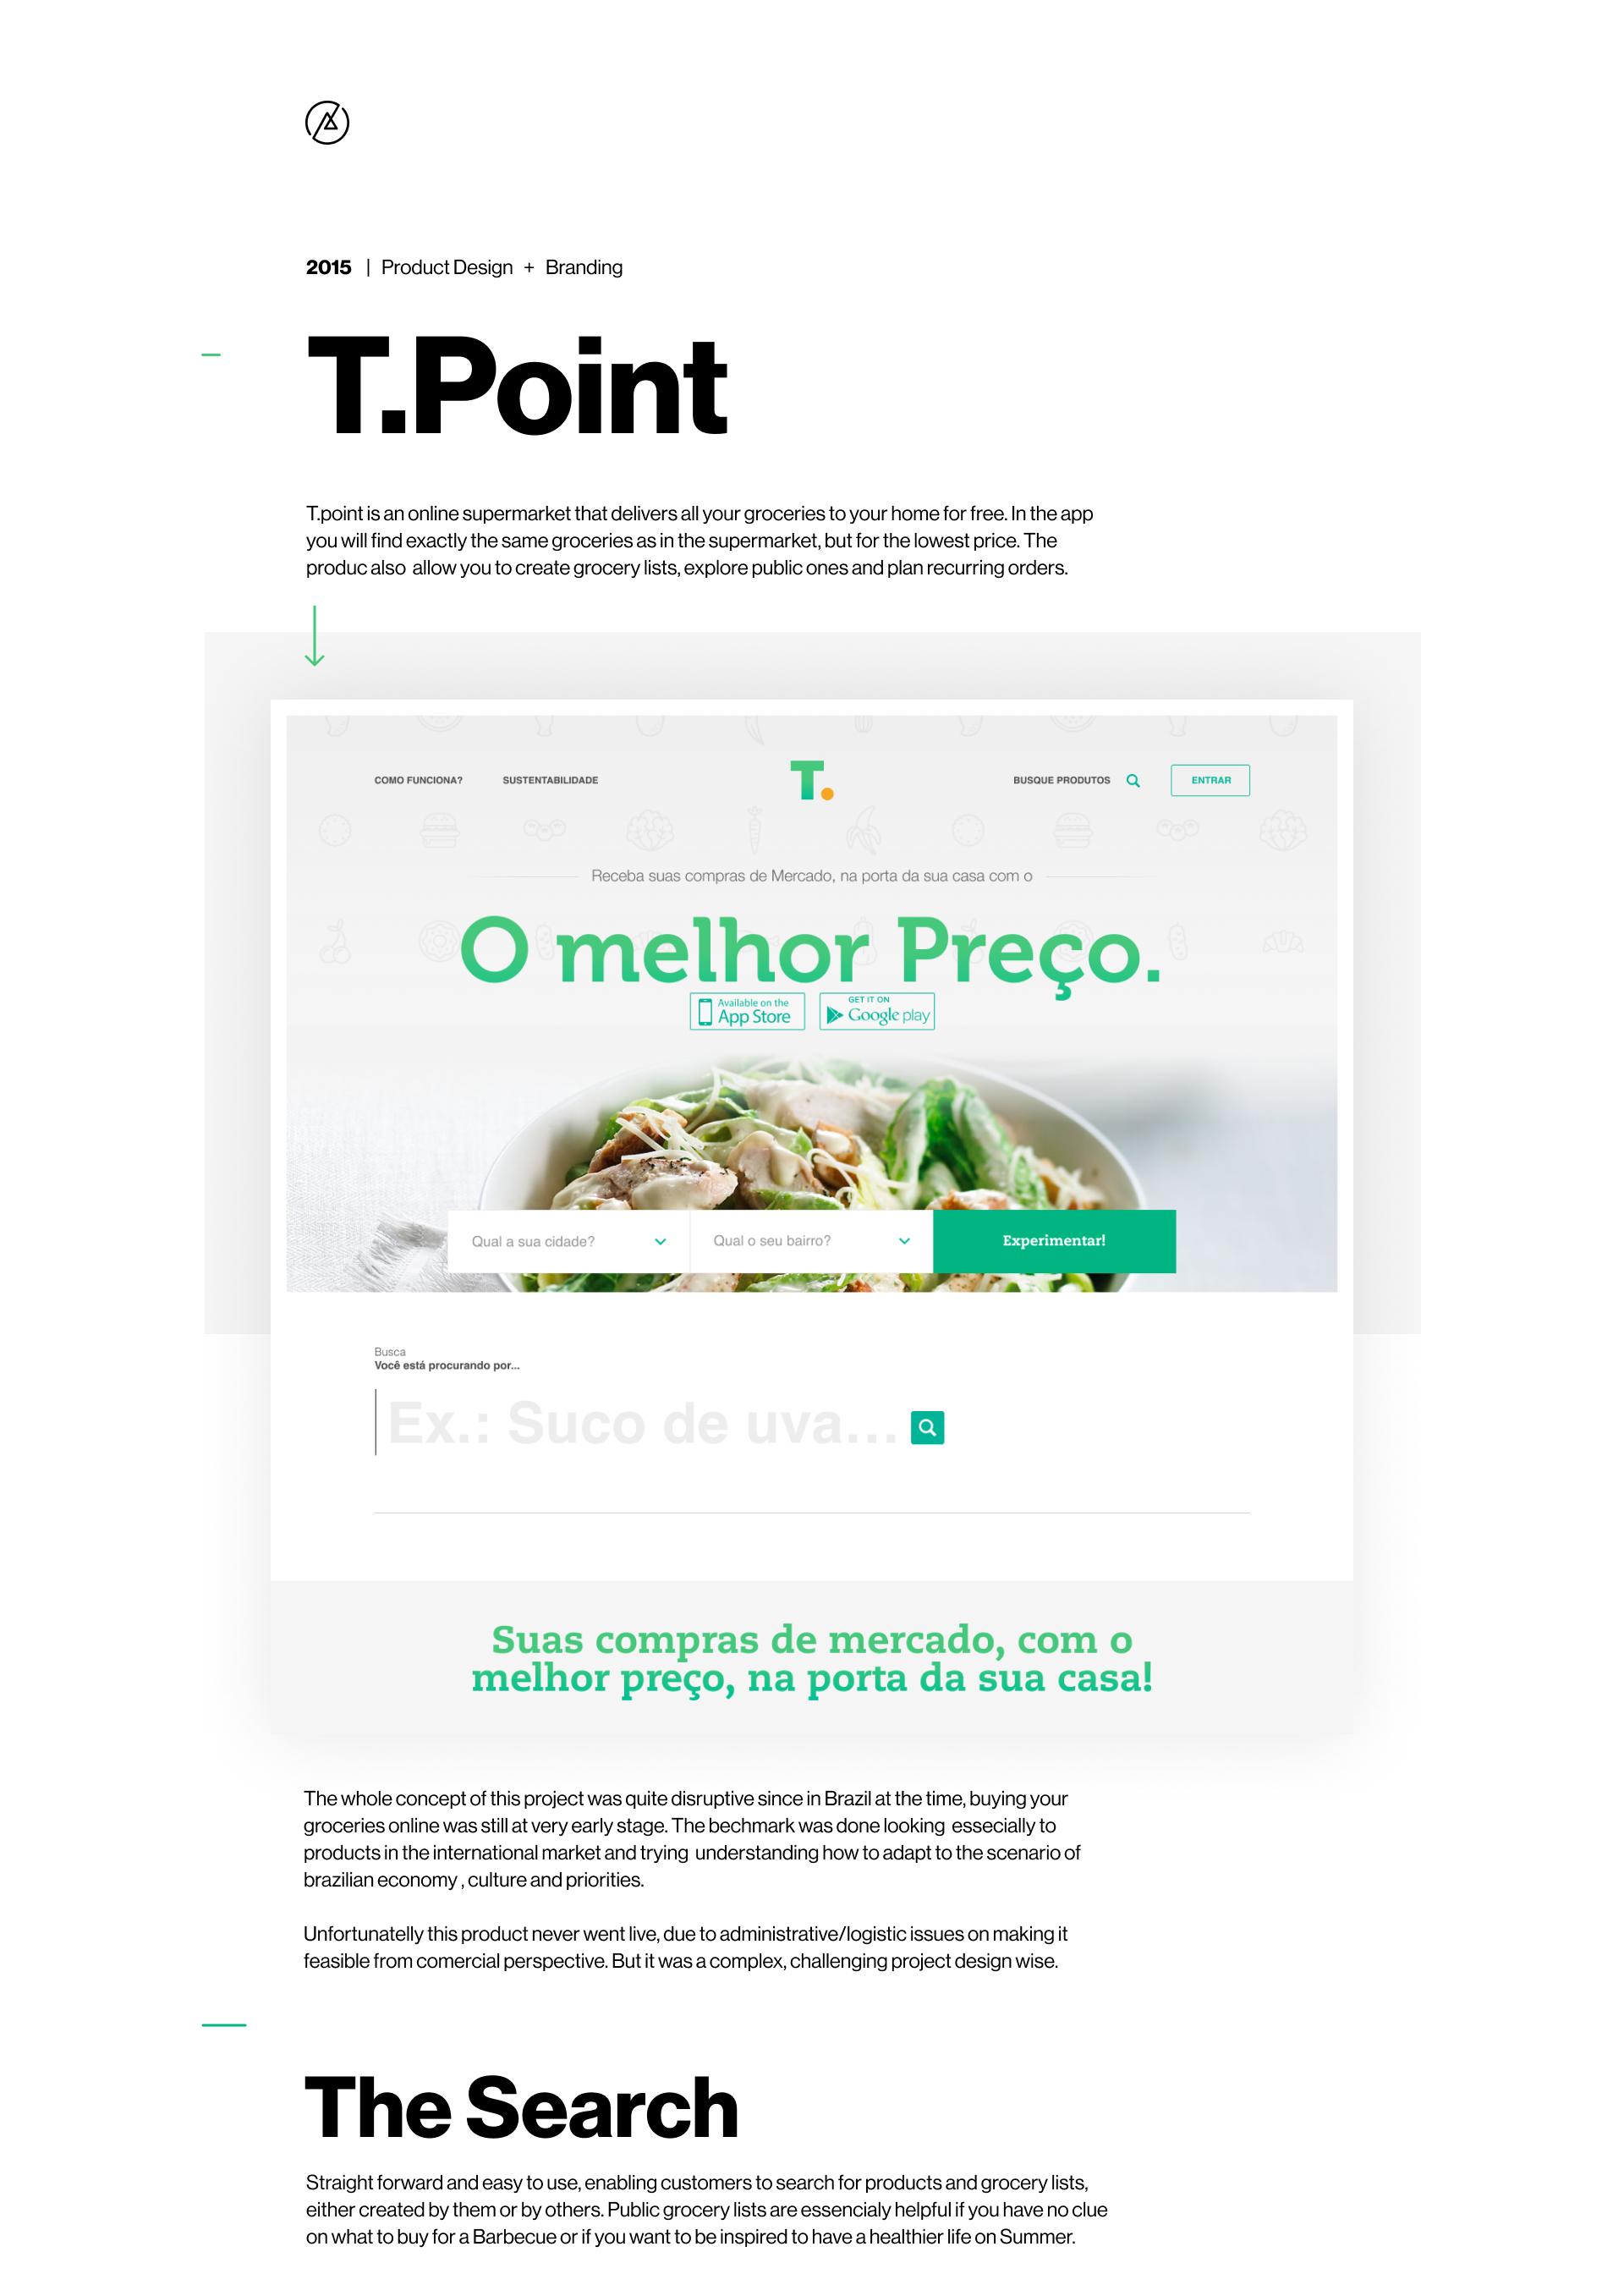 tpoint-content-1